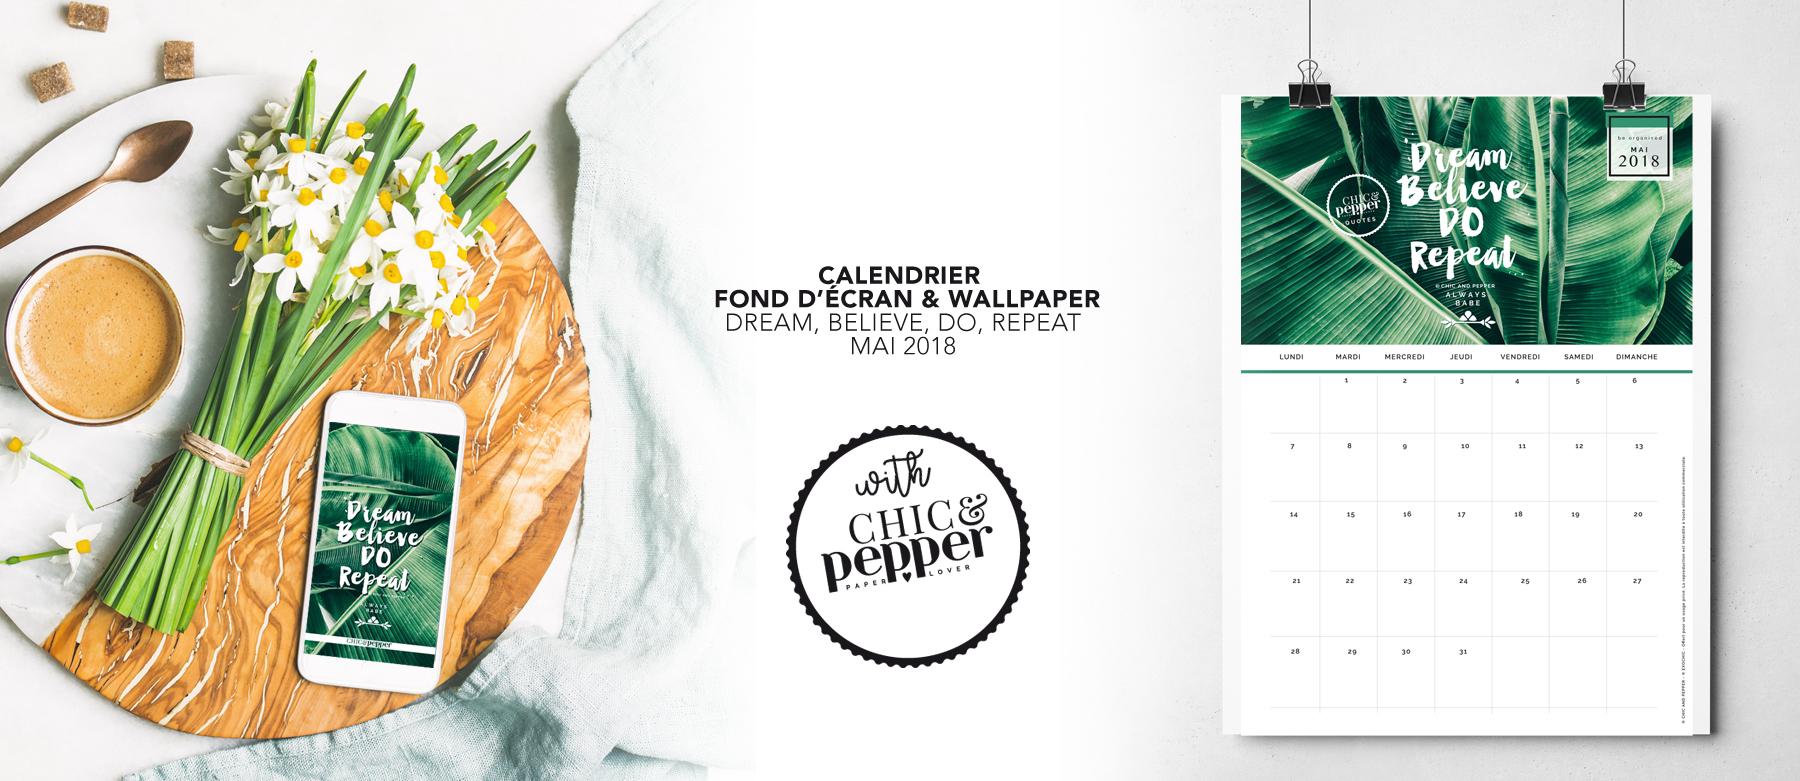 Calendrier Fond ecran mai Chic and Pepper slide